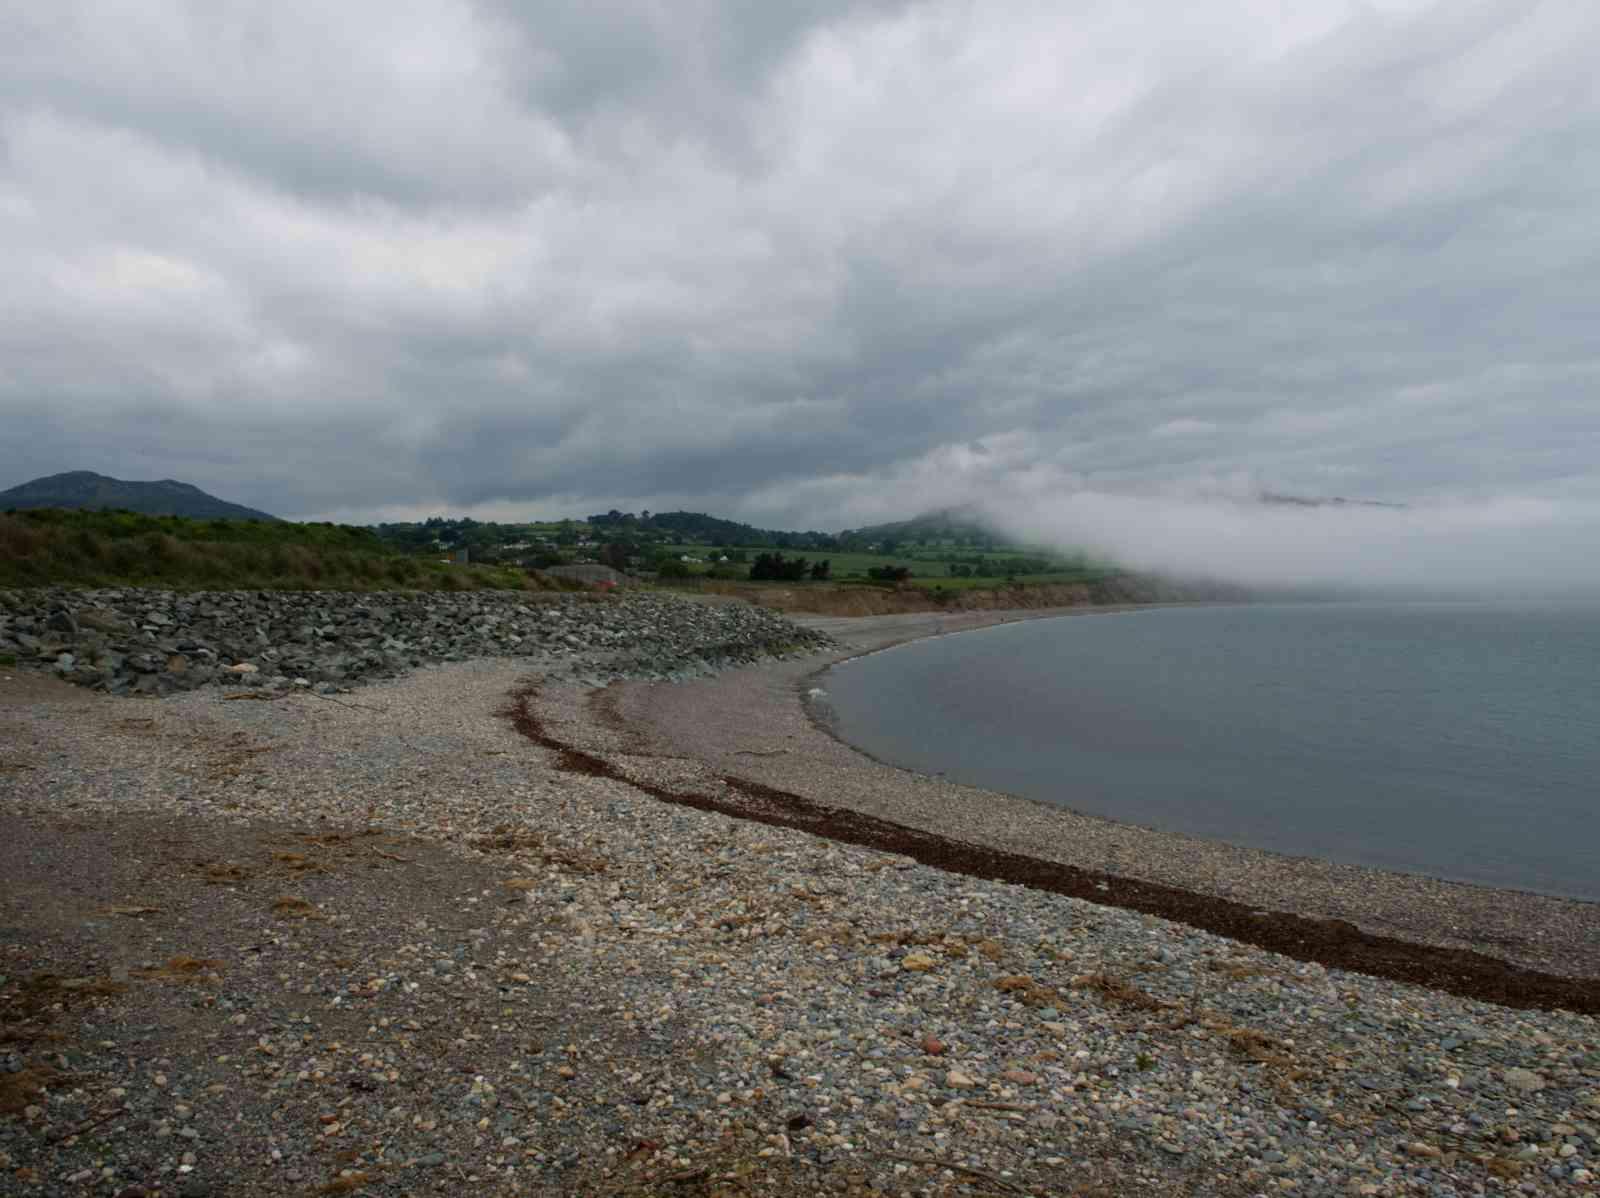 Küstenwanderung - Wetterumschwung